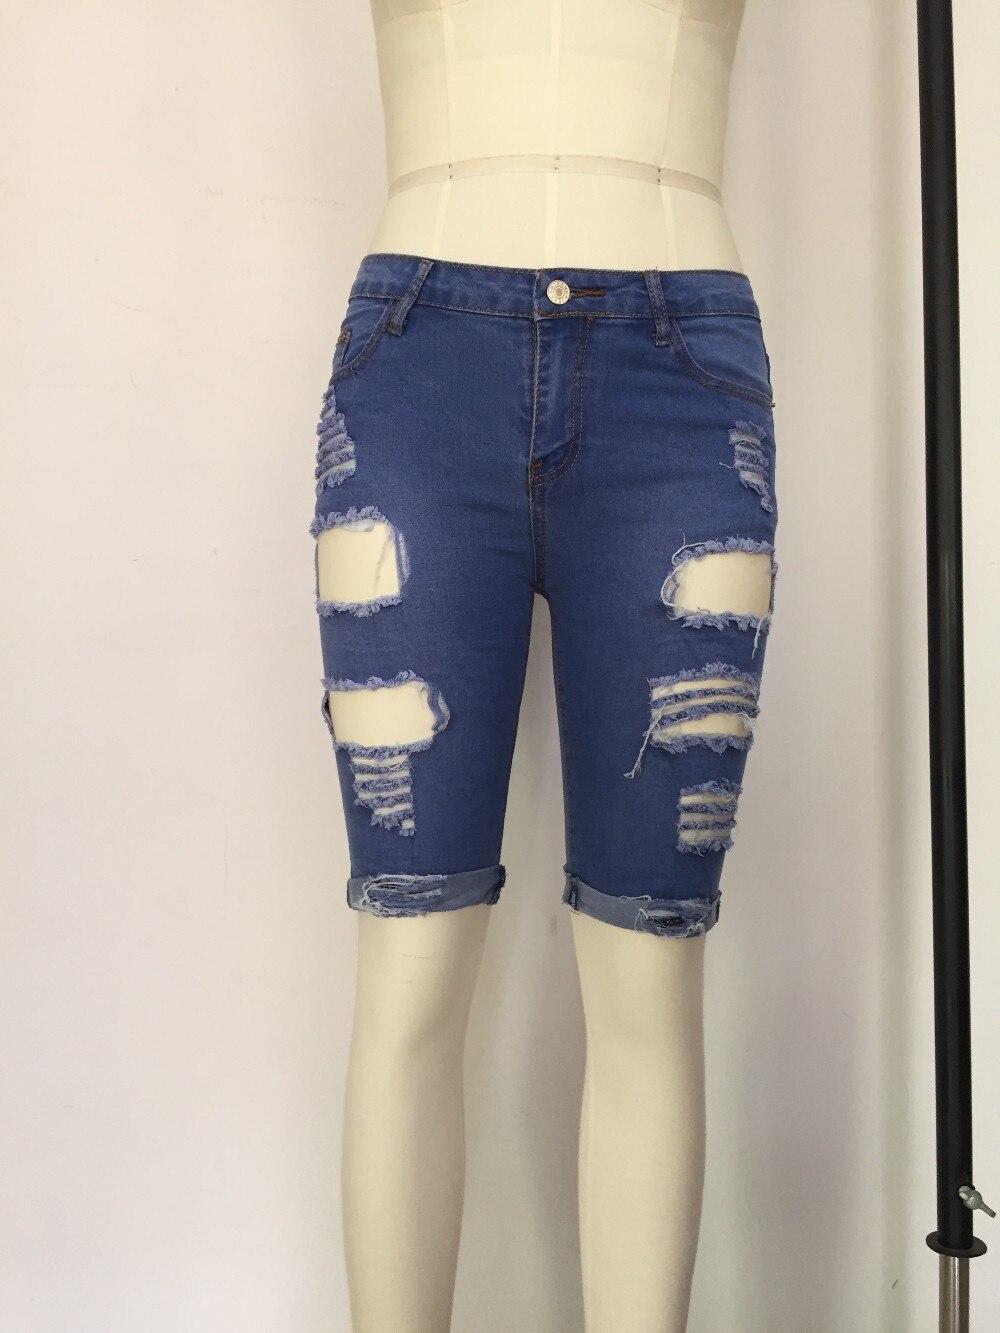 Longueur genou Déchiré Jeans pour Femme Trous Short En Jean Grande Taille à Taille  Haute Jeans Taille Haute Femmes Jean femme 78649 dans Shorts de Mode ... 2c1da9c8c35